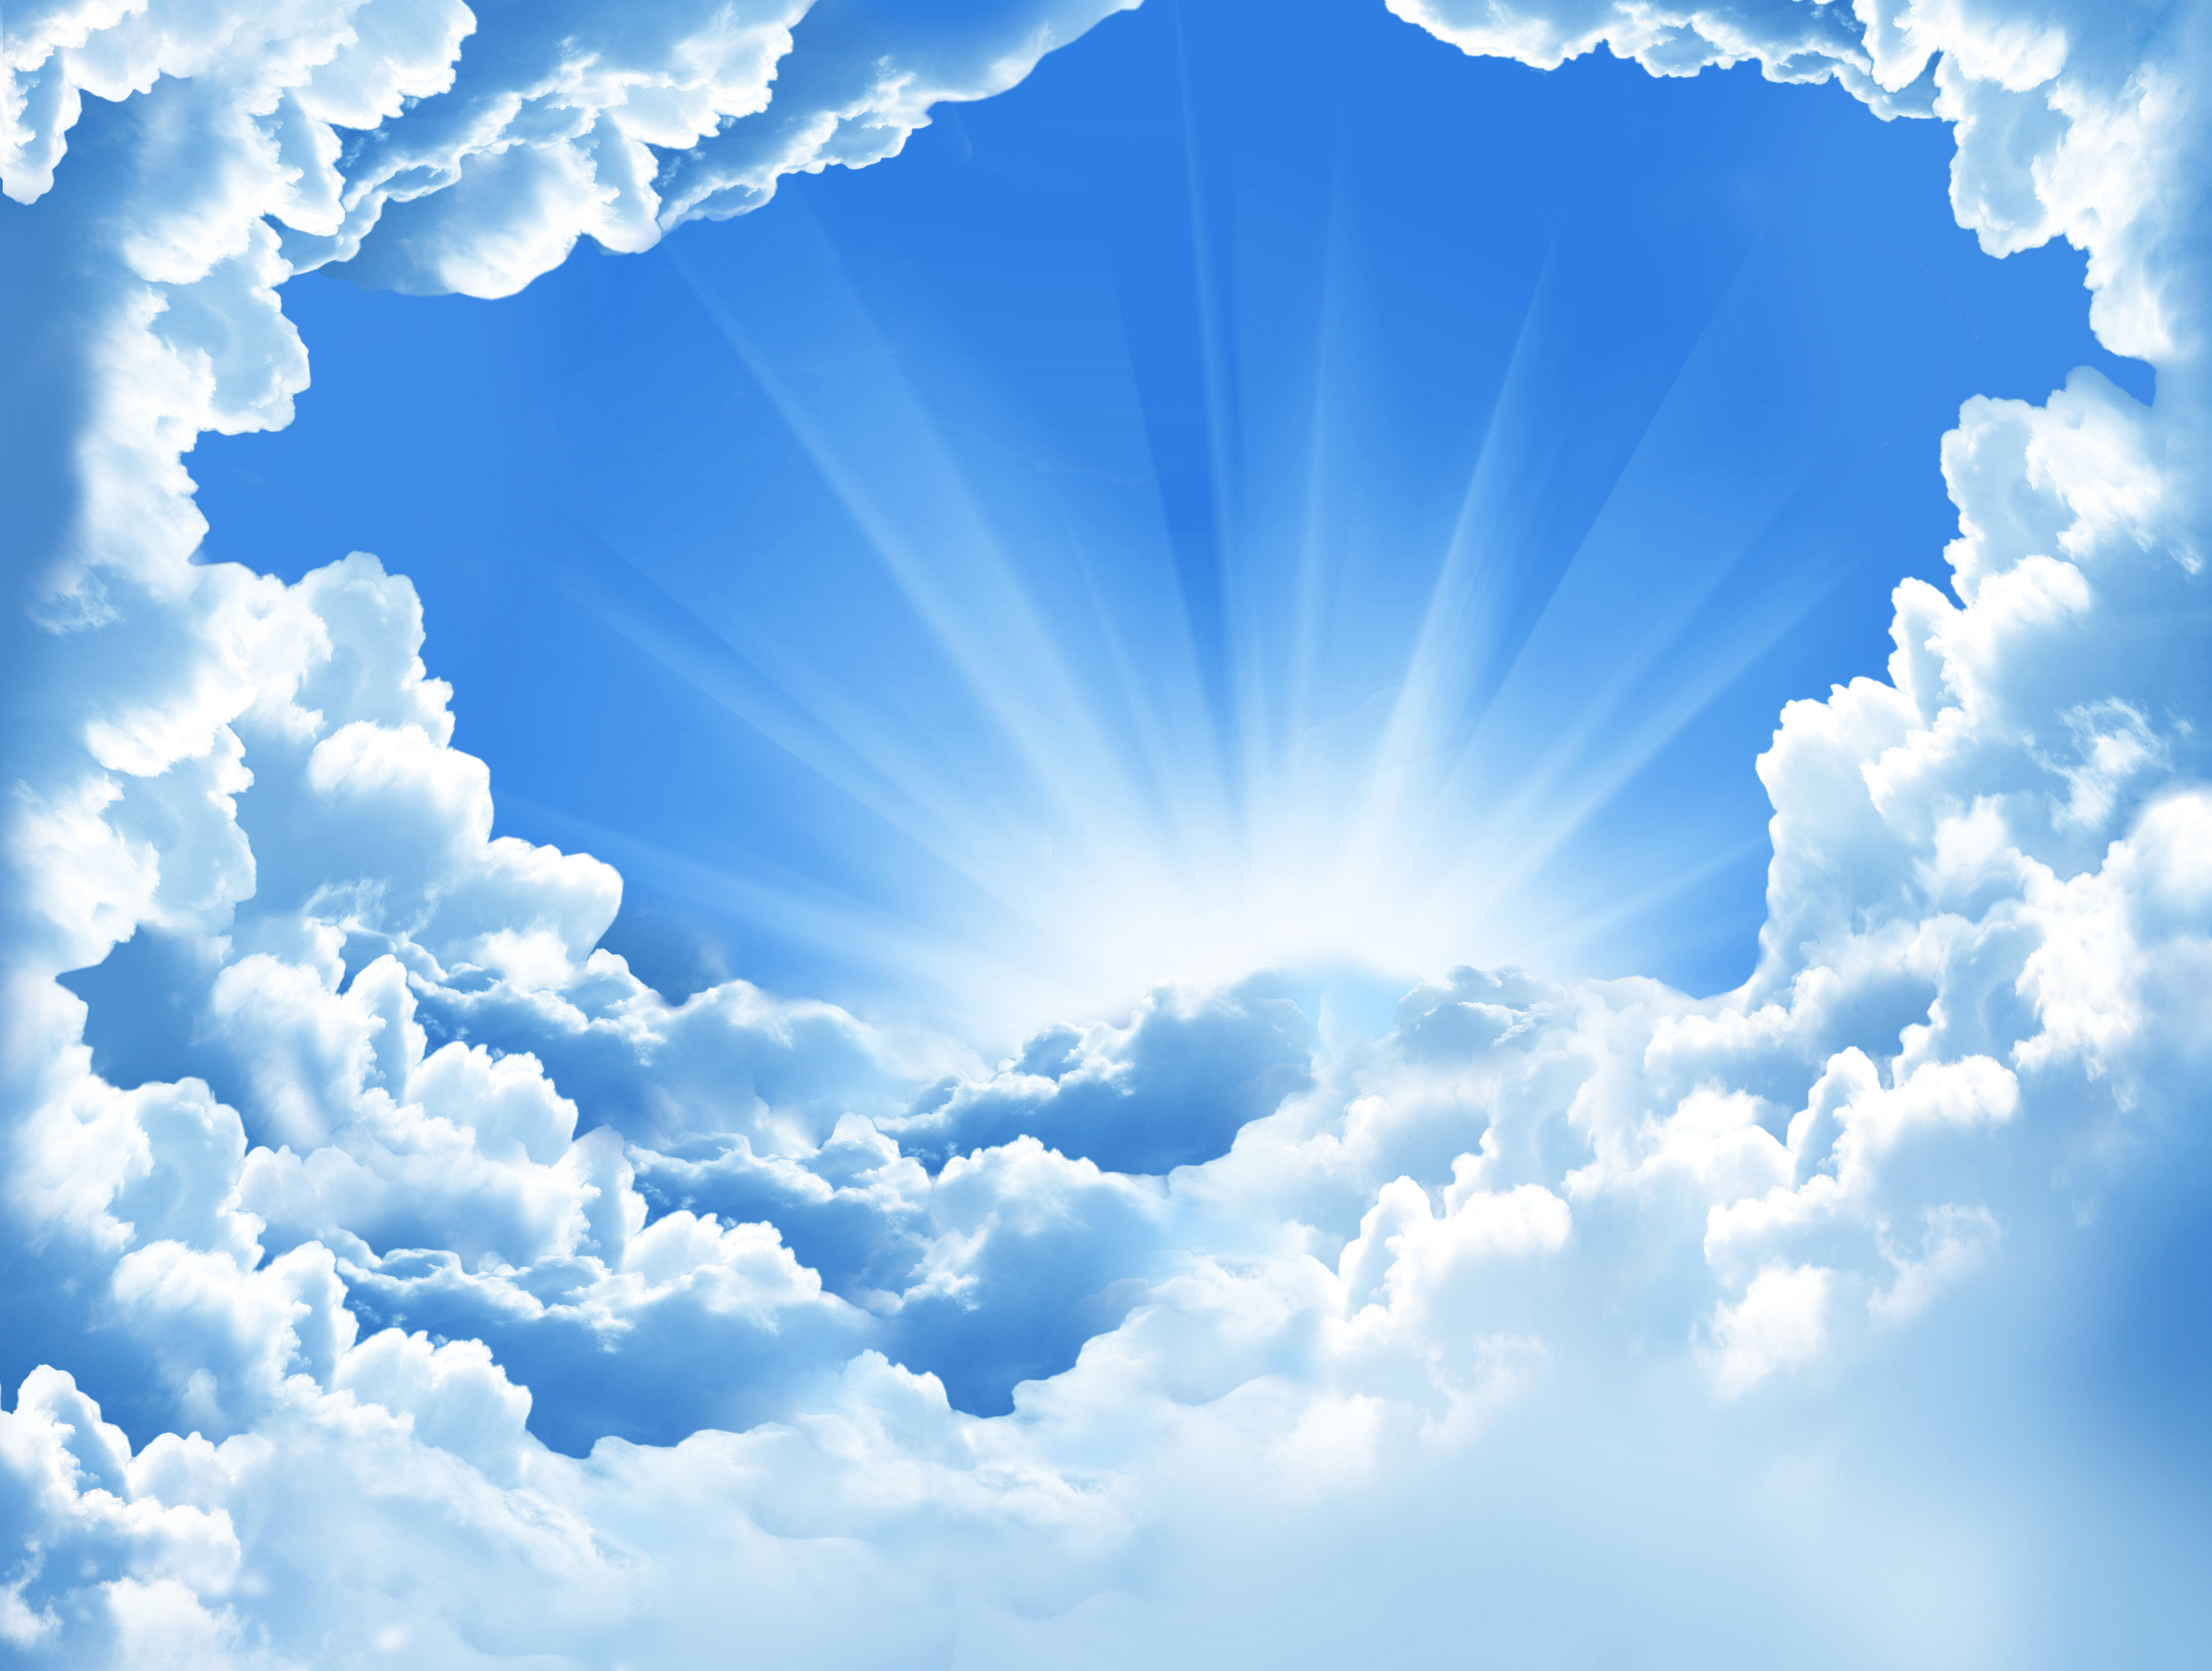 Стену надписями, фон для открытки голубое небо